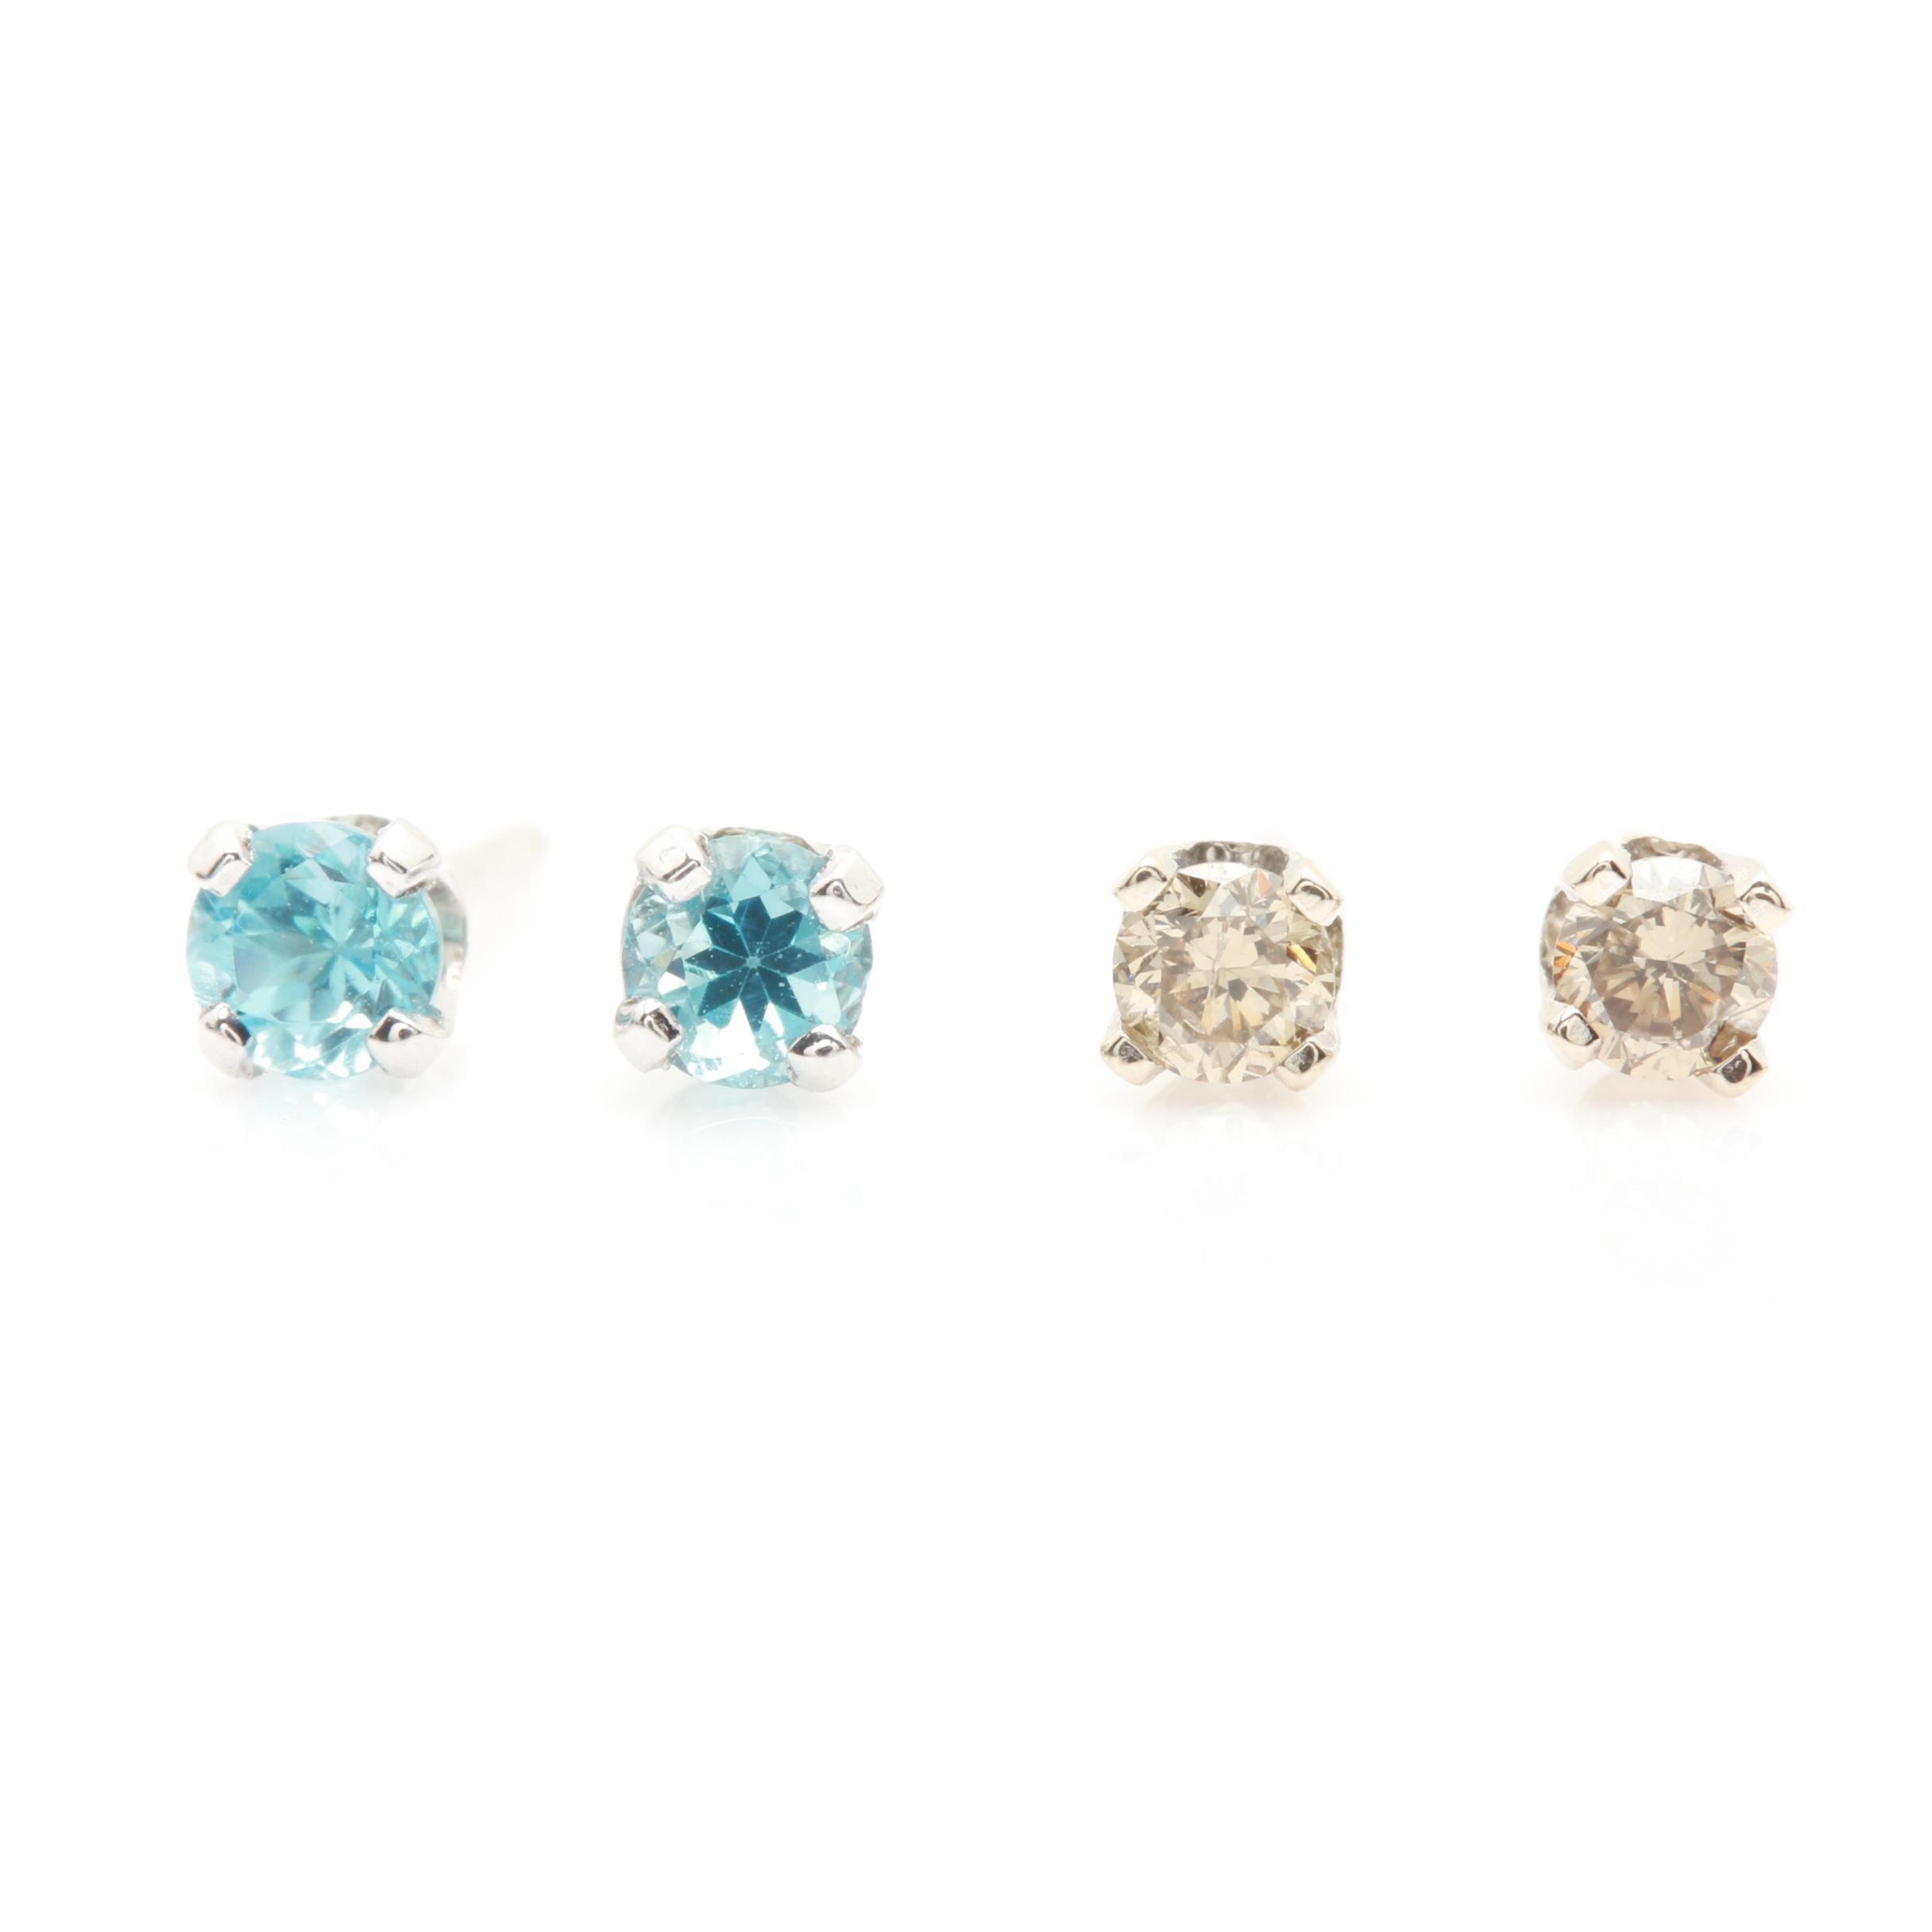 14K White Gold Diamond and Blue Topaz Stud Earrings